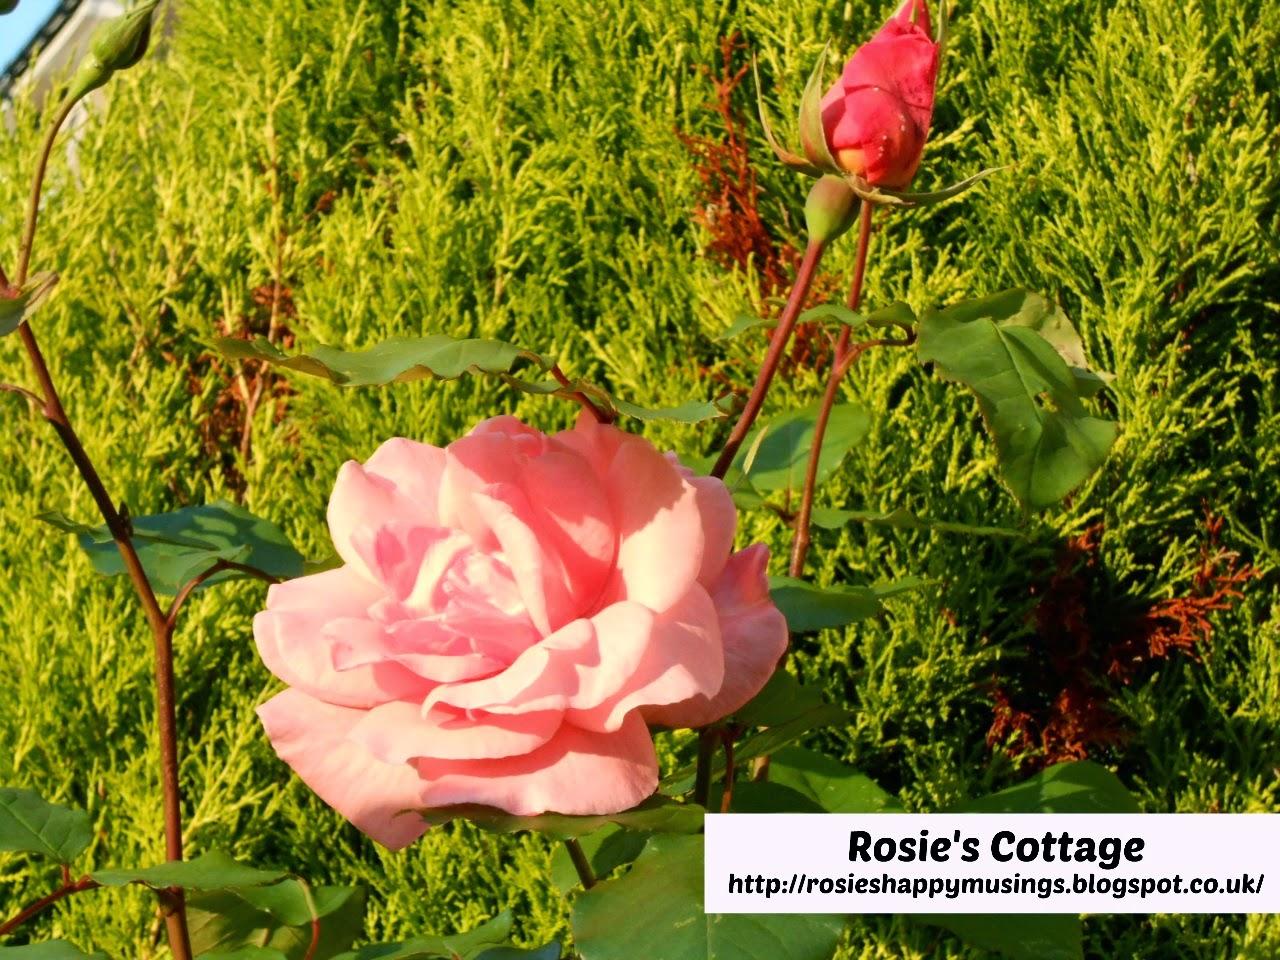 beautiful roses in Rosie's garden